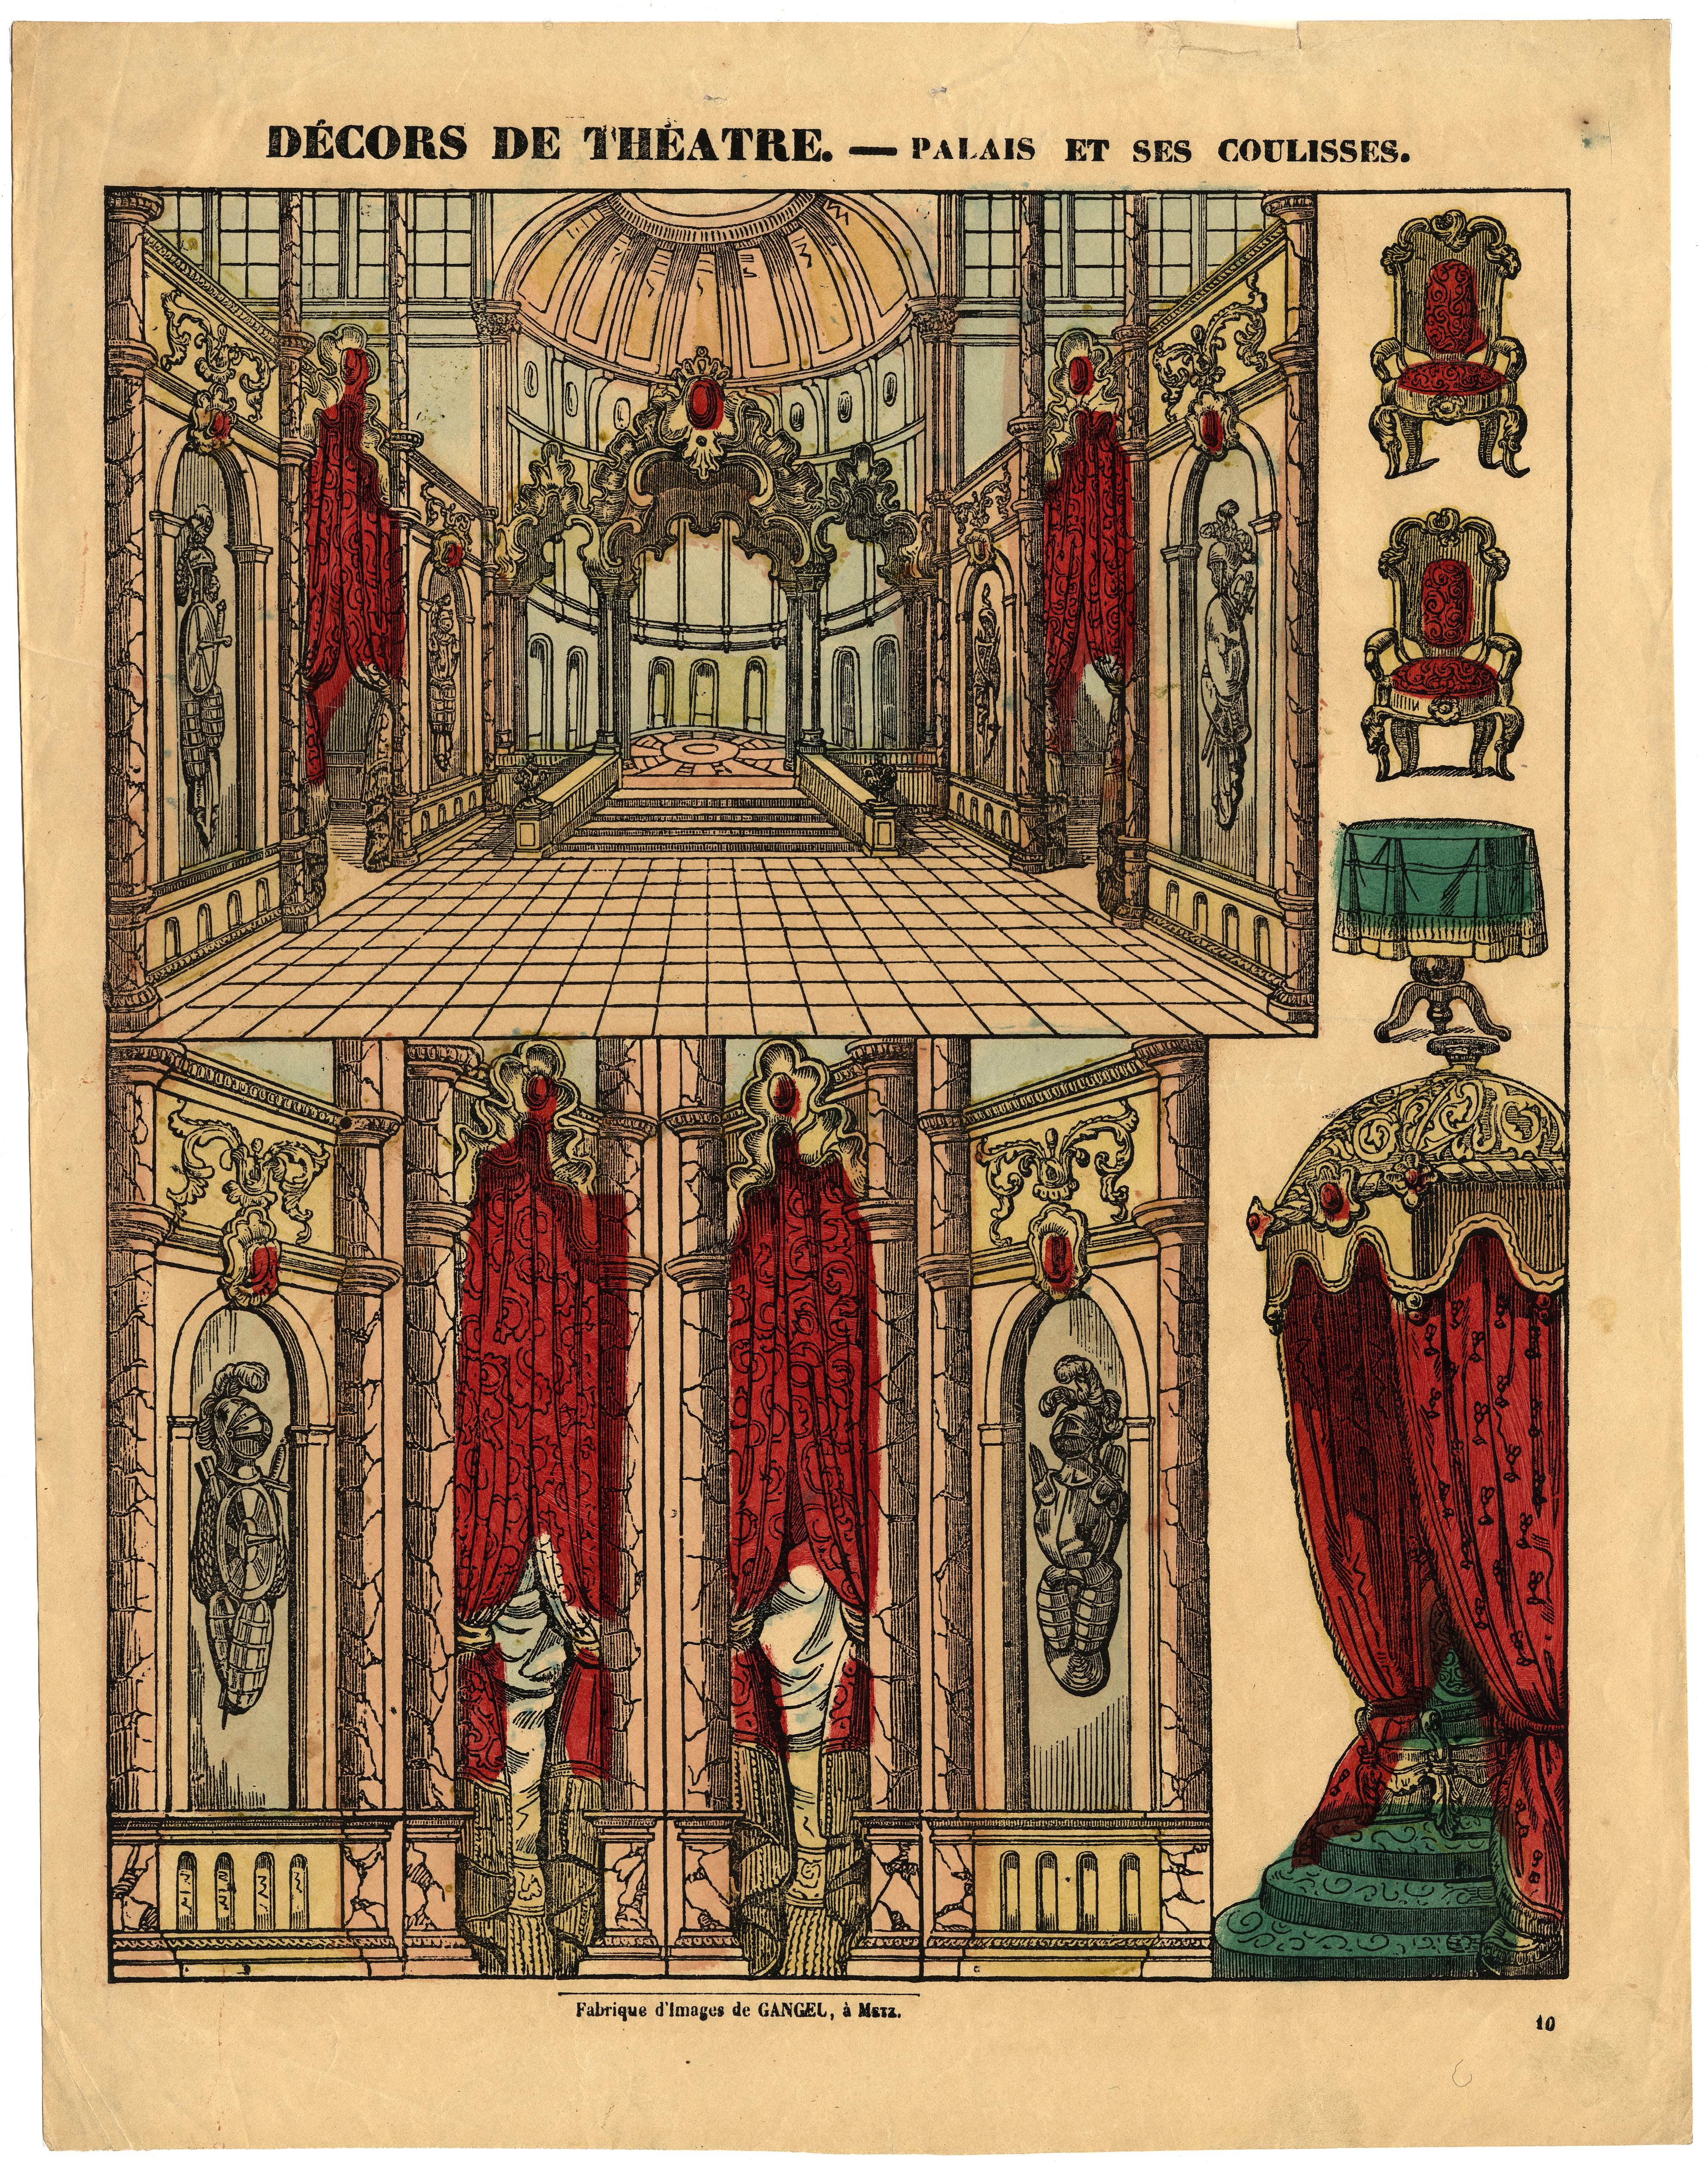 Contenu du Décors de théâtre : palais et ses coulisses